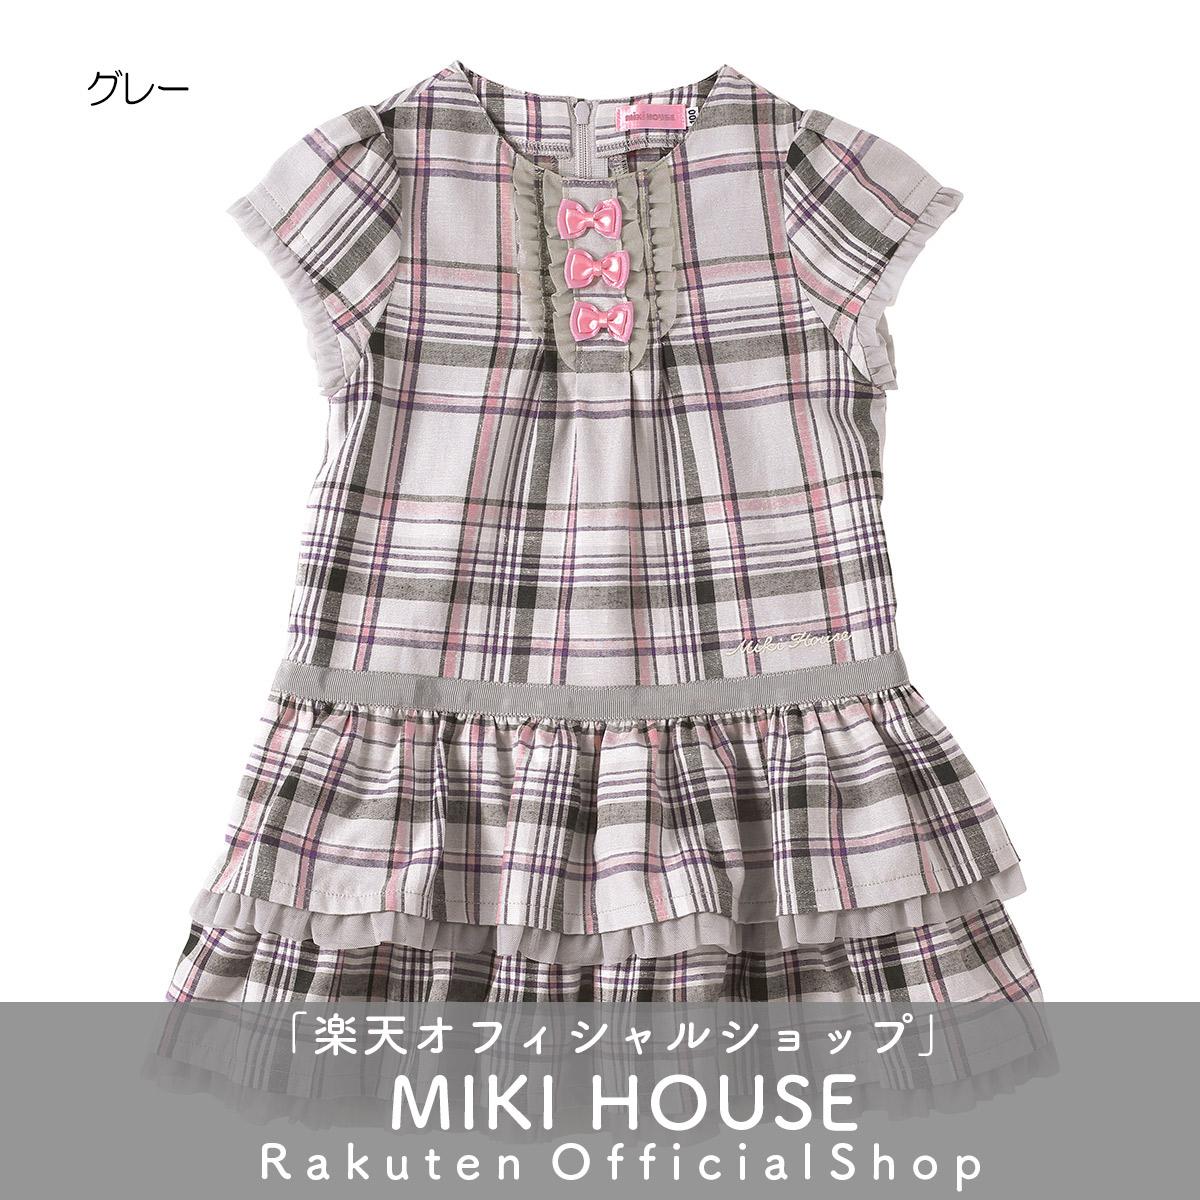 【アウトレット】ミキハウス mikihouse ワンピース(140cm・150cm)